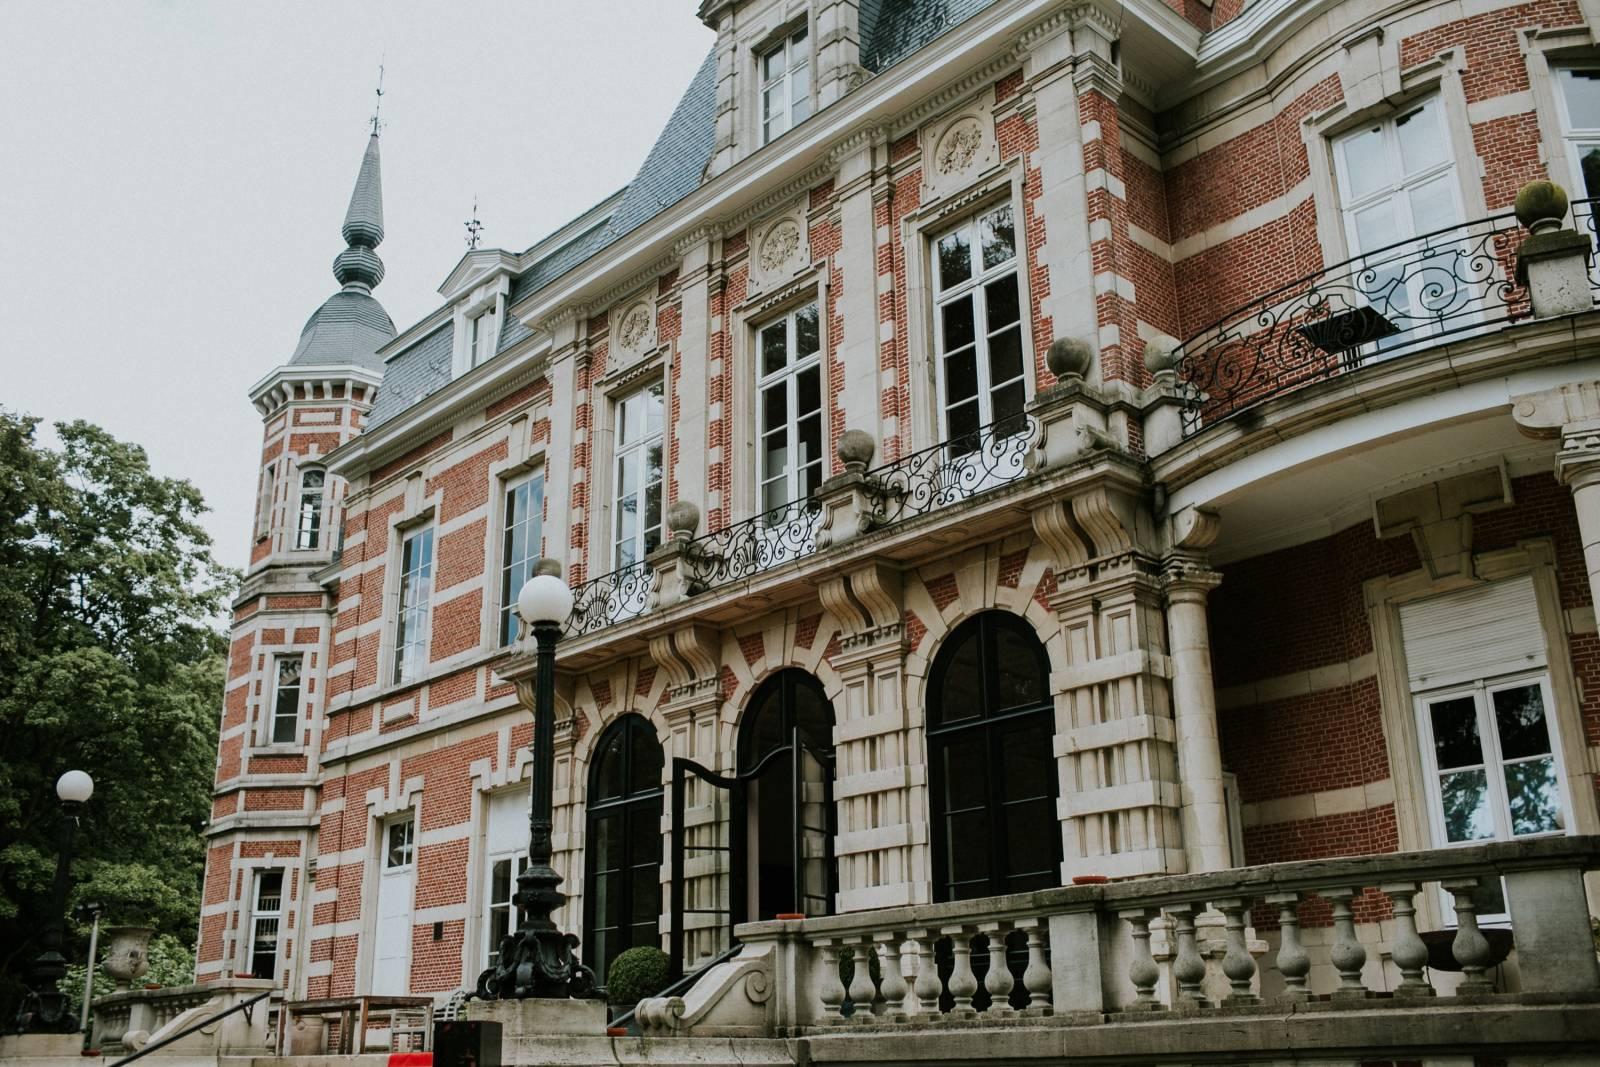 Kasteel Van Brasschaat - Eventlocatie - Feestzaal - Trouwzaal - House of Events & House of Weddings - 30